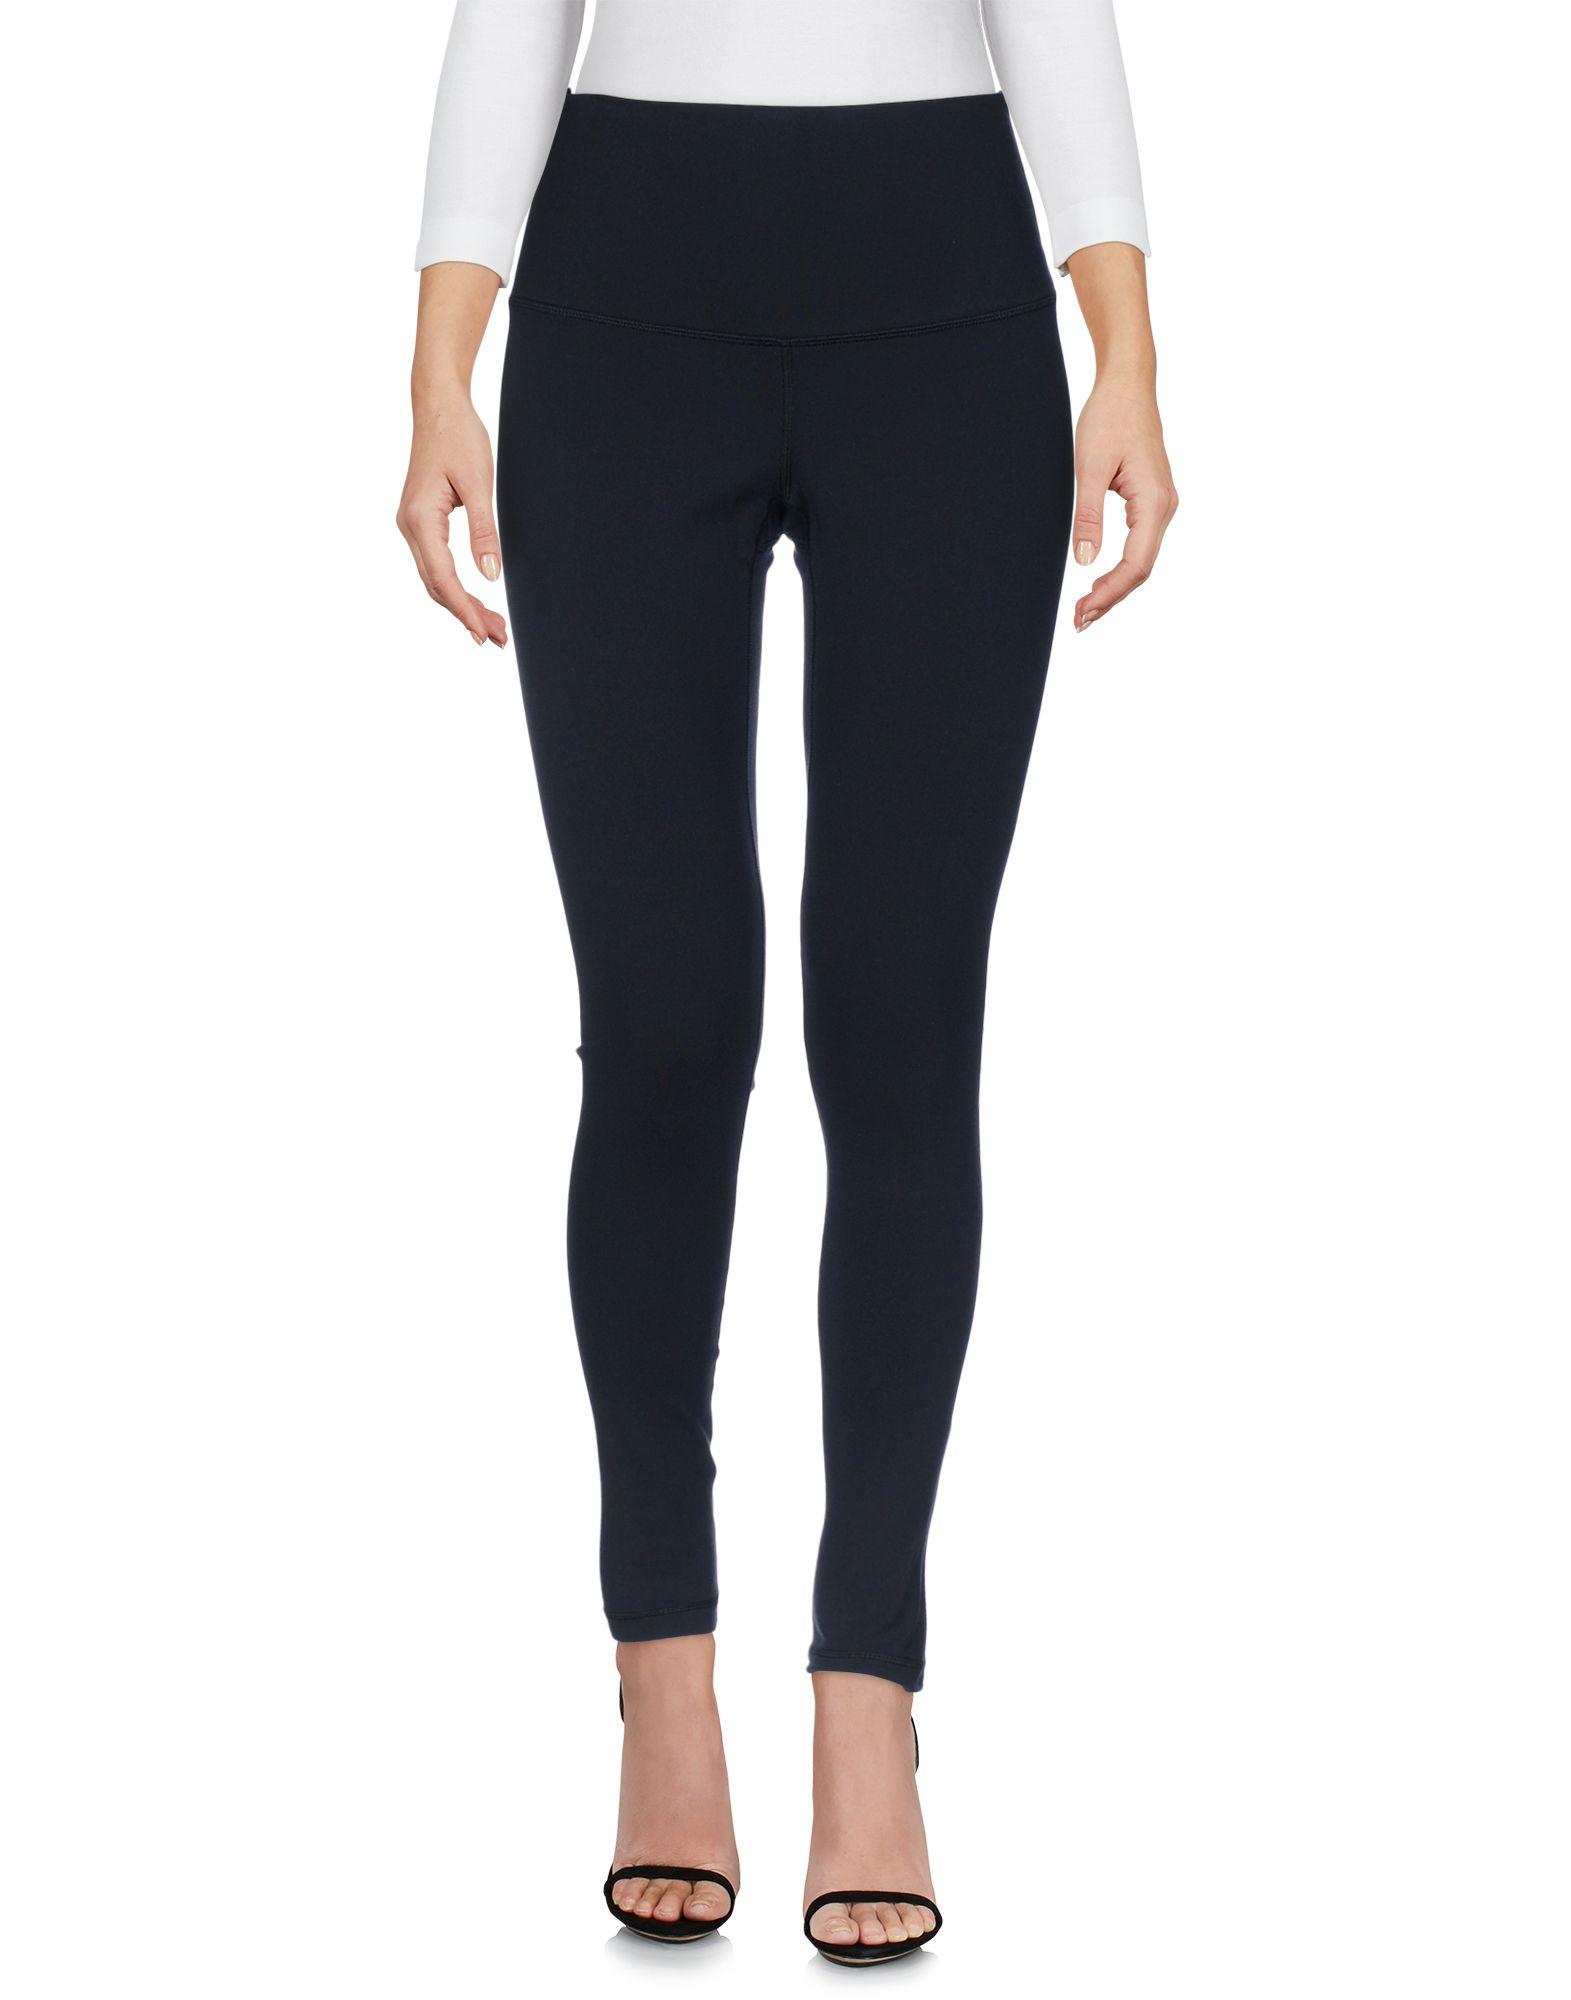 BETA STUDIOS Leggings in Black